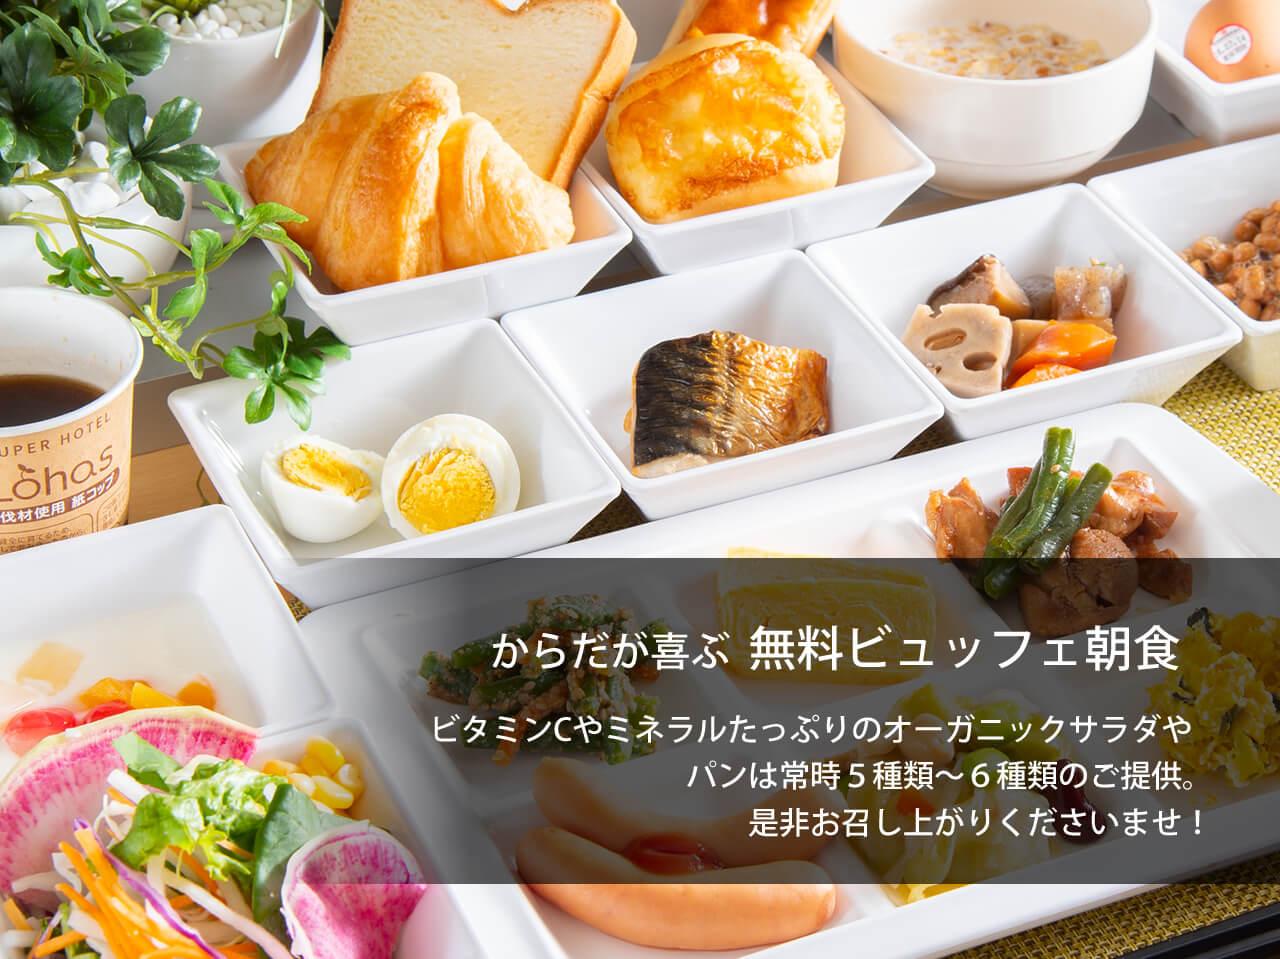 スーパー ホテル 八重洲 朝食